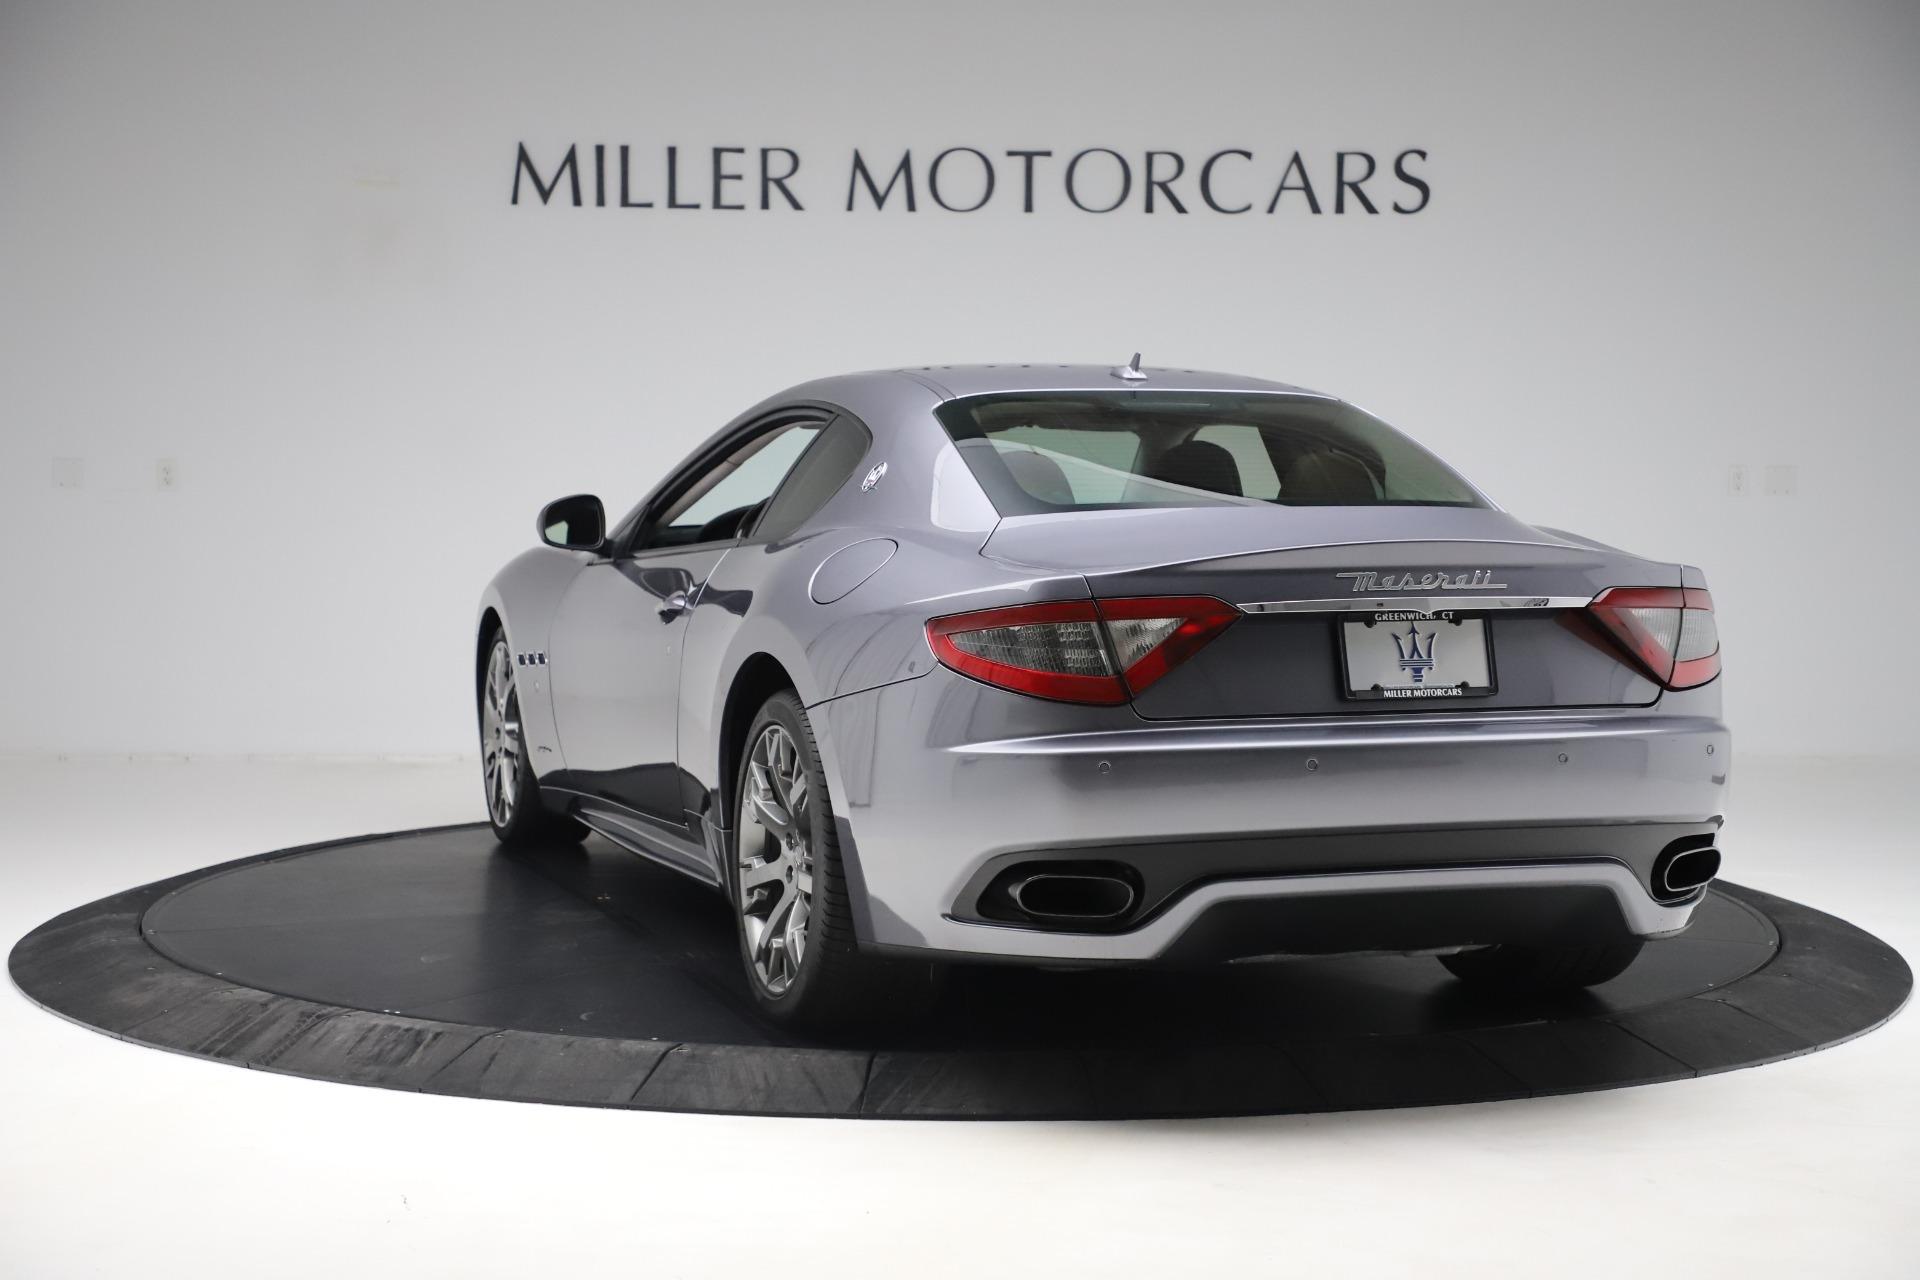 New 2016 Maserati GranTurismo Sport- TEST DRIVE SPECIAL For Sale In Greenwich, CT 166_p5